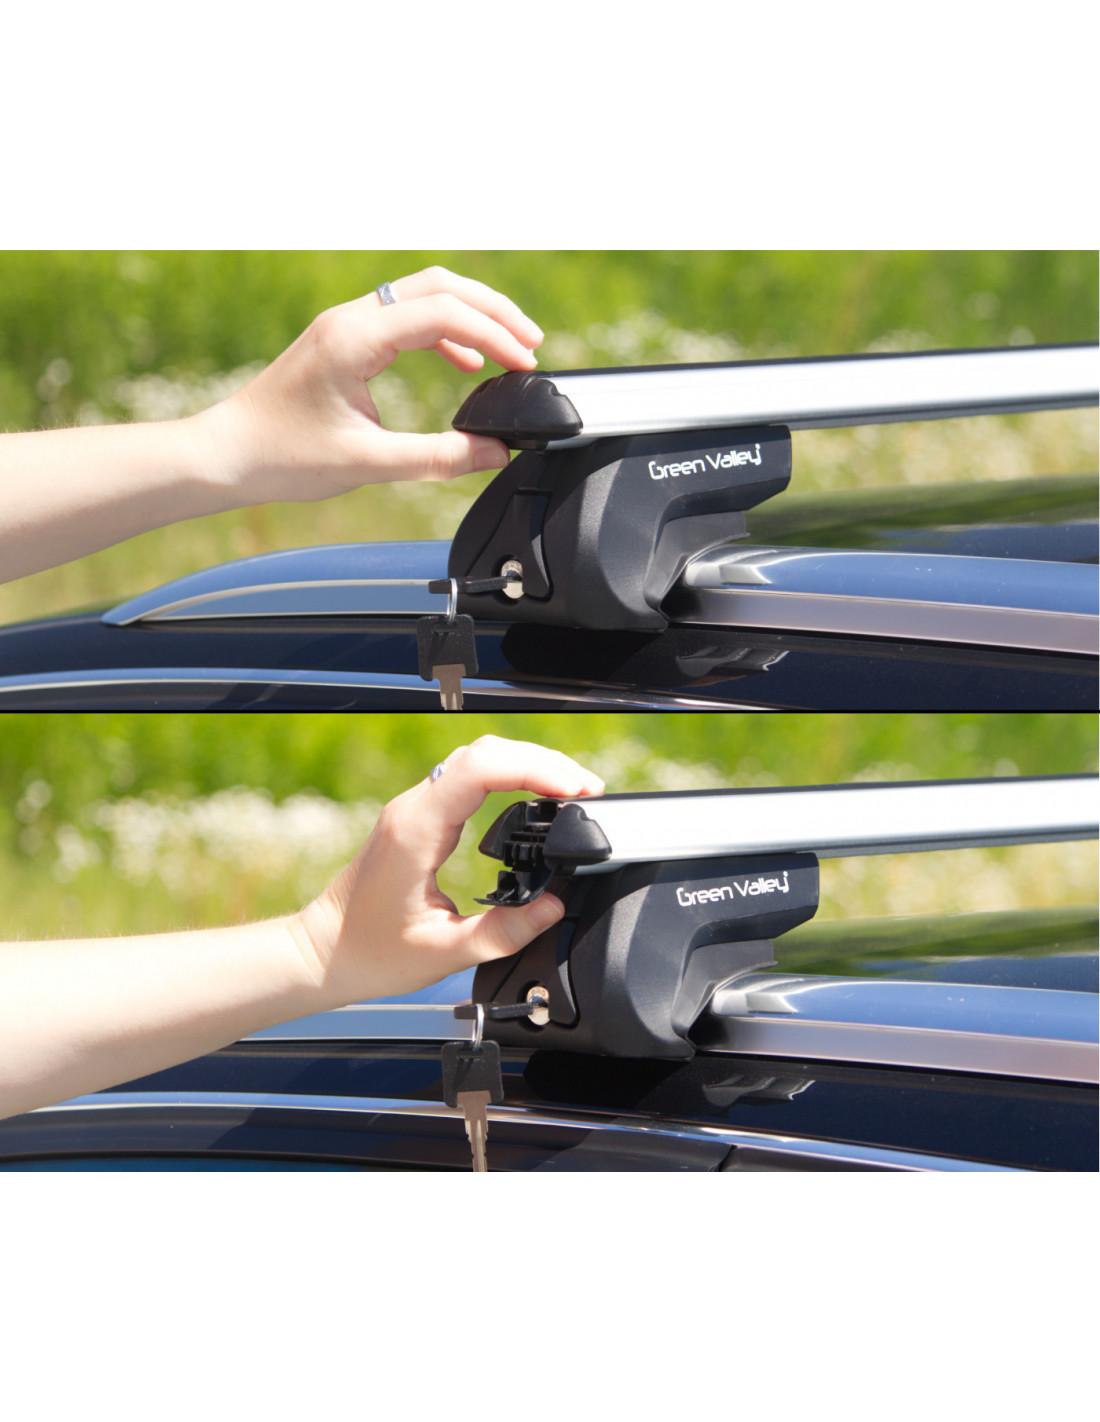 Hak Holowniczy Przykr Cany Chrysler Voyager Grand